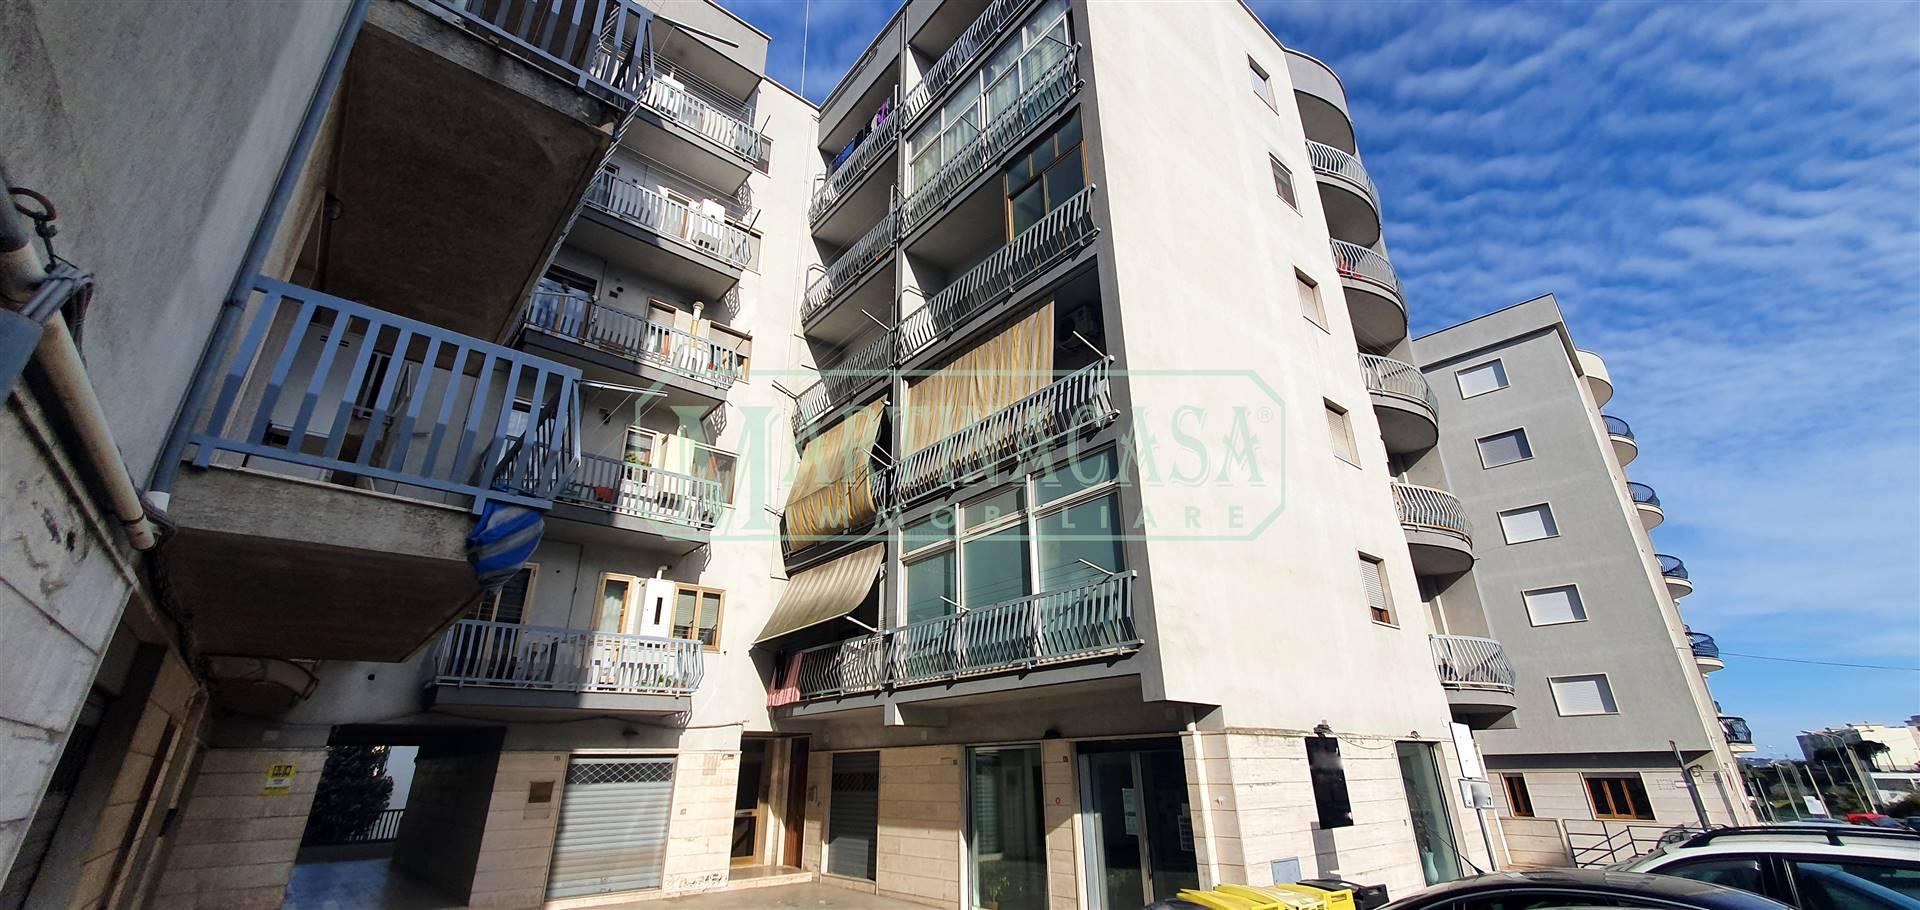 Appartamento in affitto a Martina Franca, 3 locali, zona Località: VIA ALBEROBELLO, prezzo € 500   CambioCasa.it